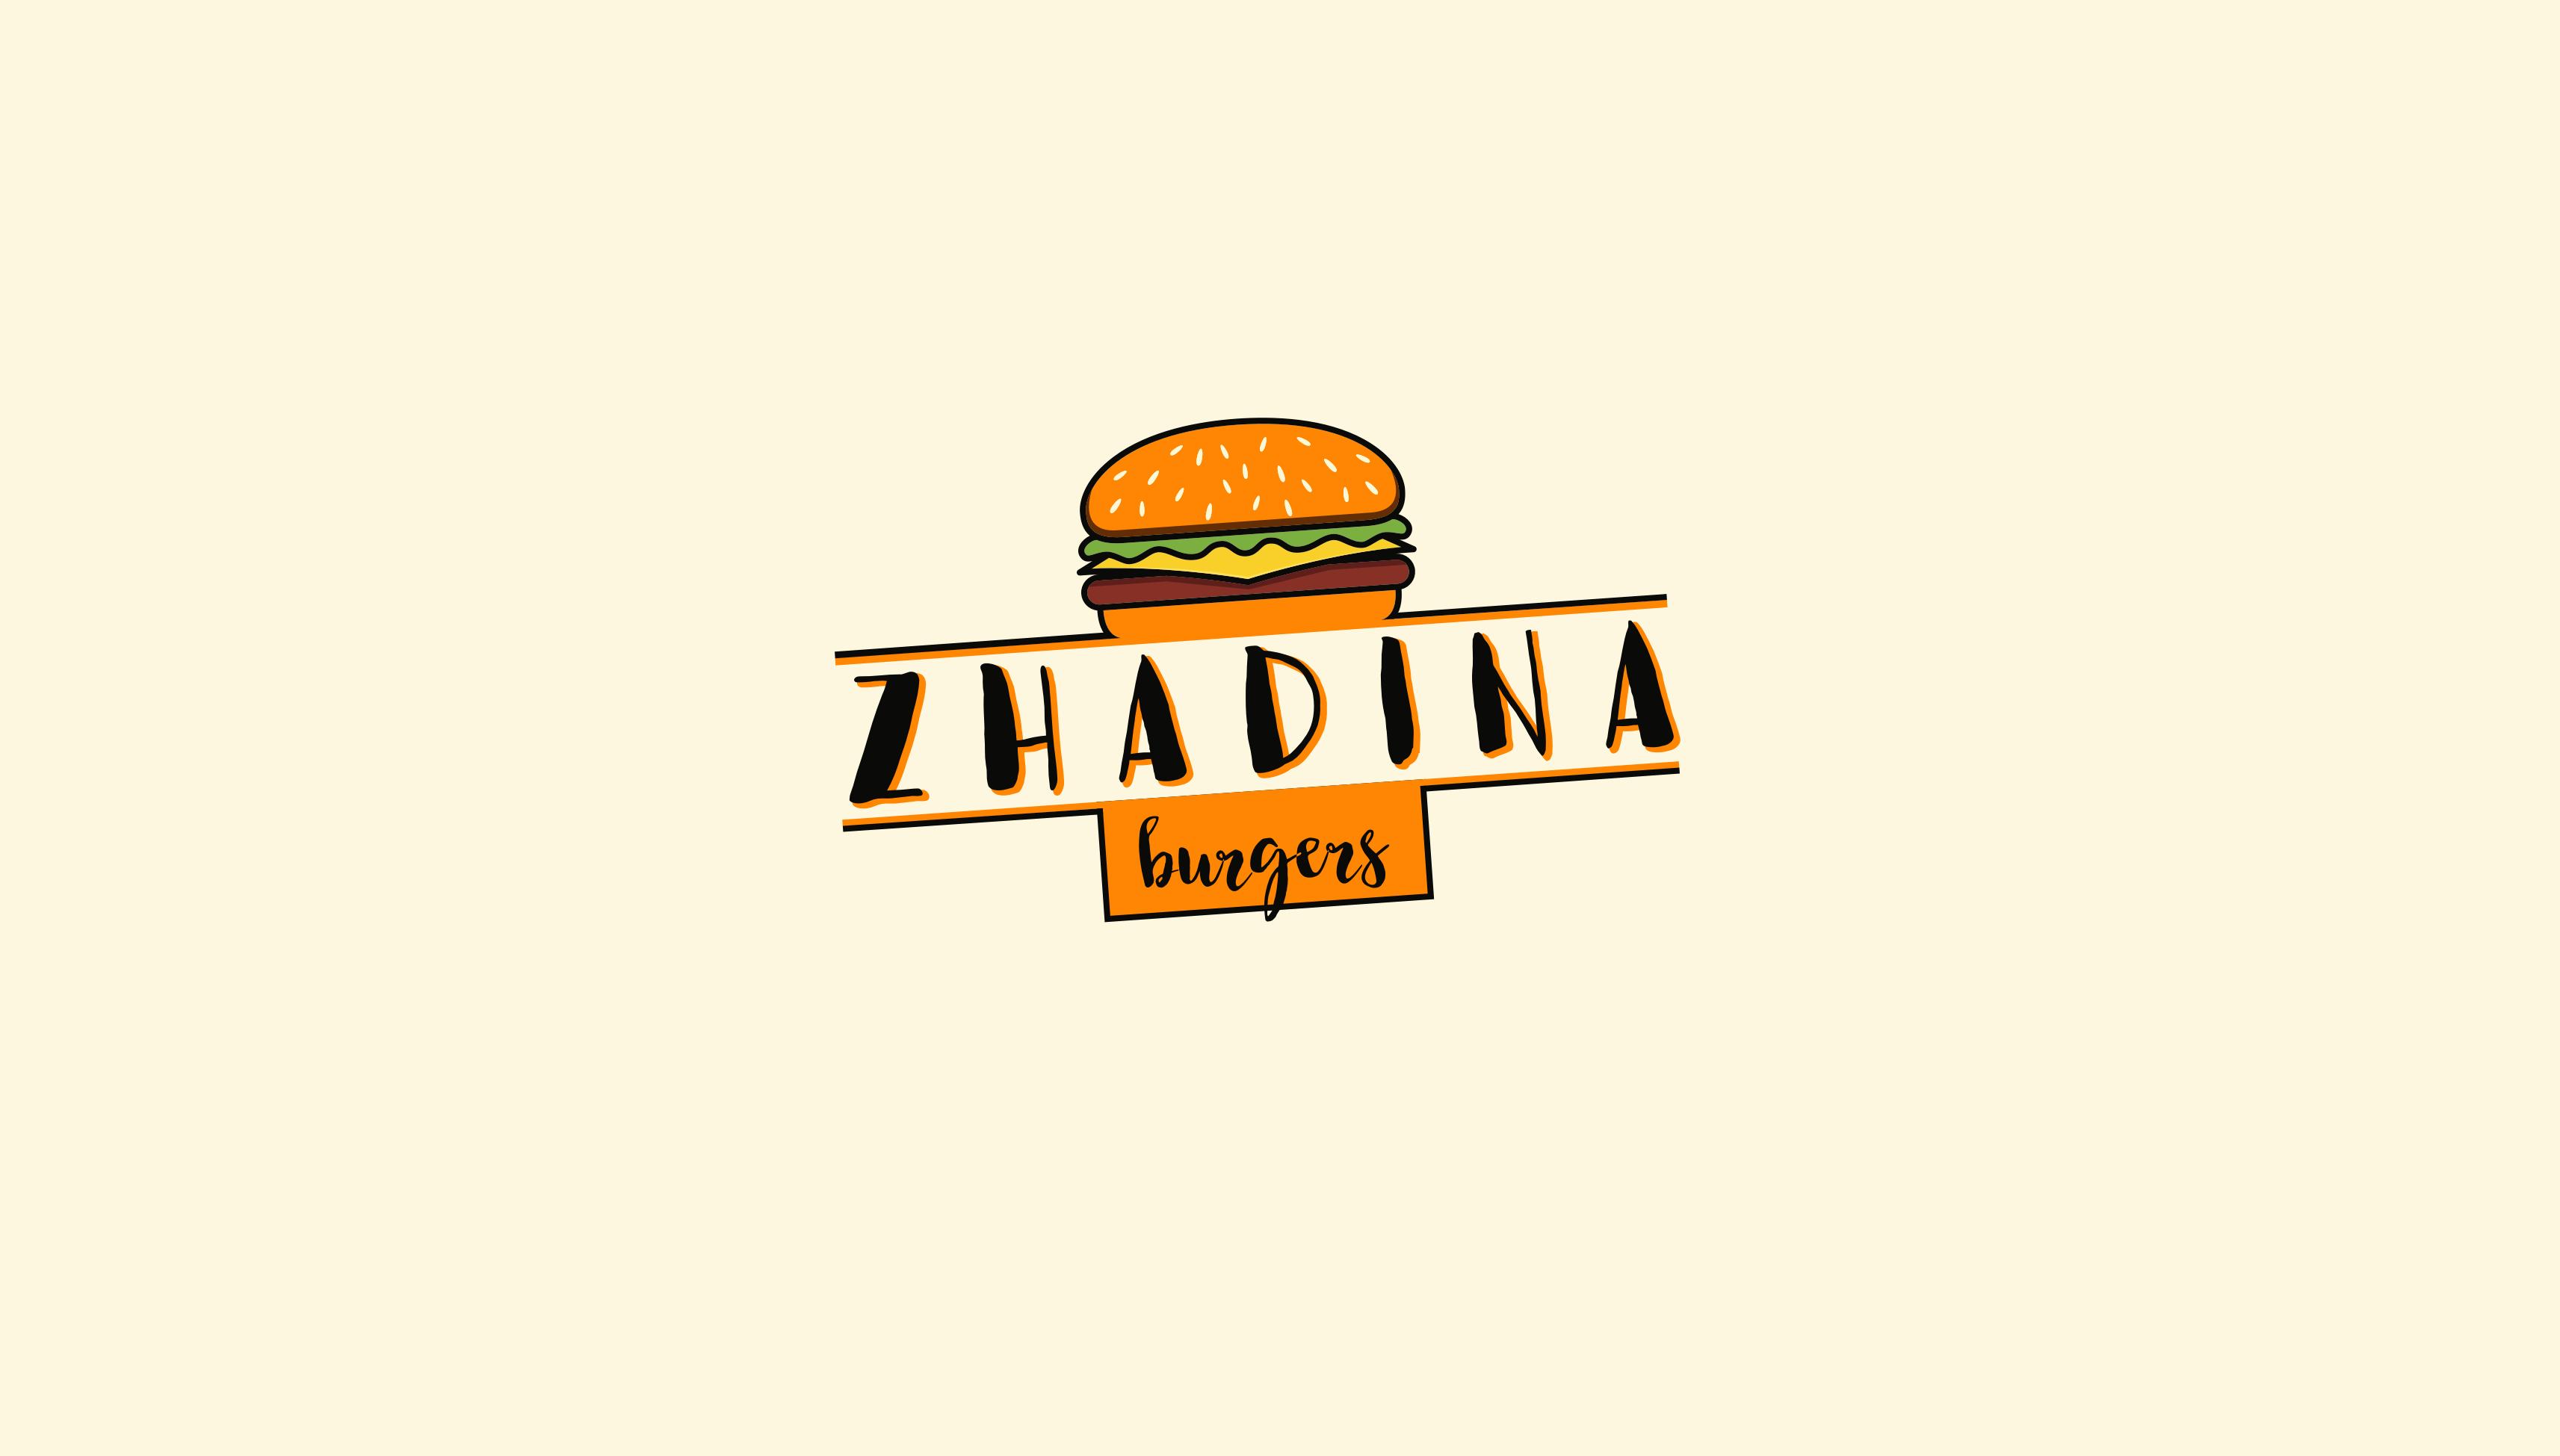 ZHADINA burgers